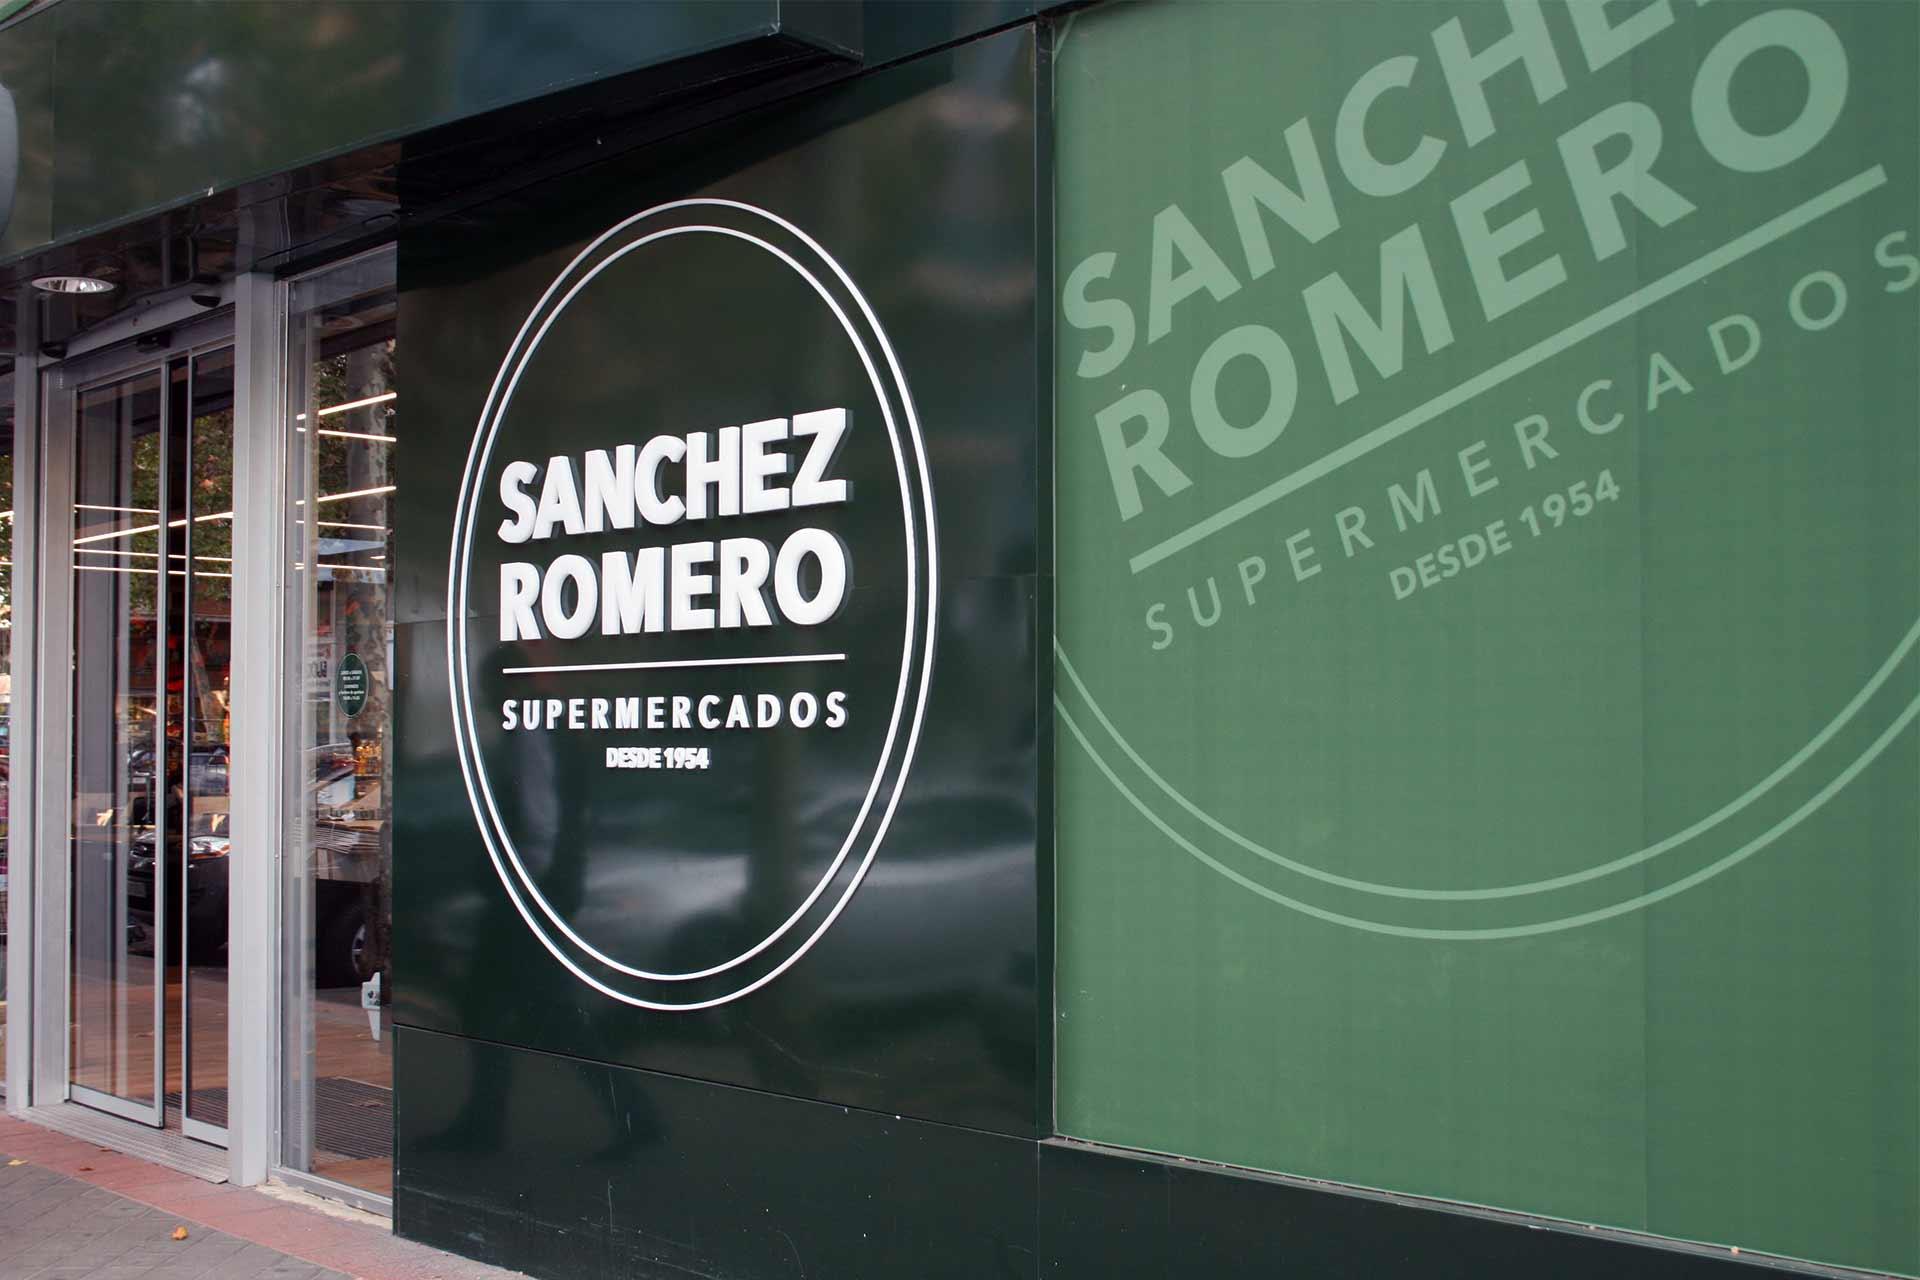 Nueva fachada del supermercado Sánchez Romero